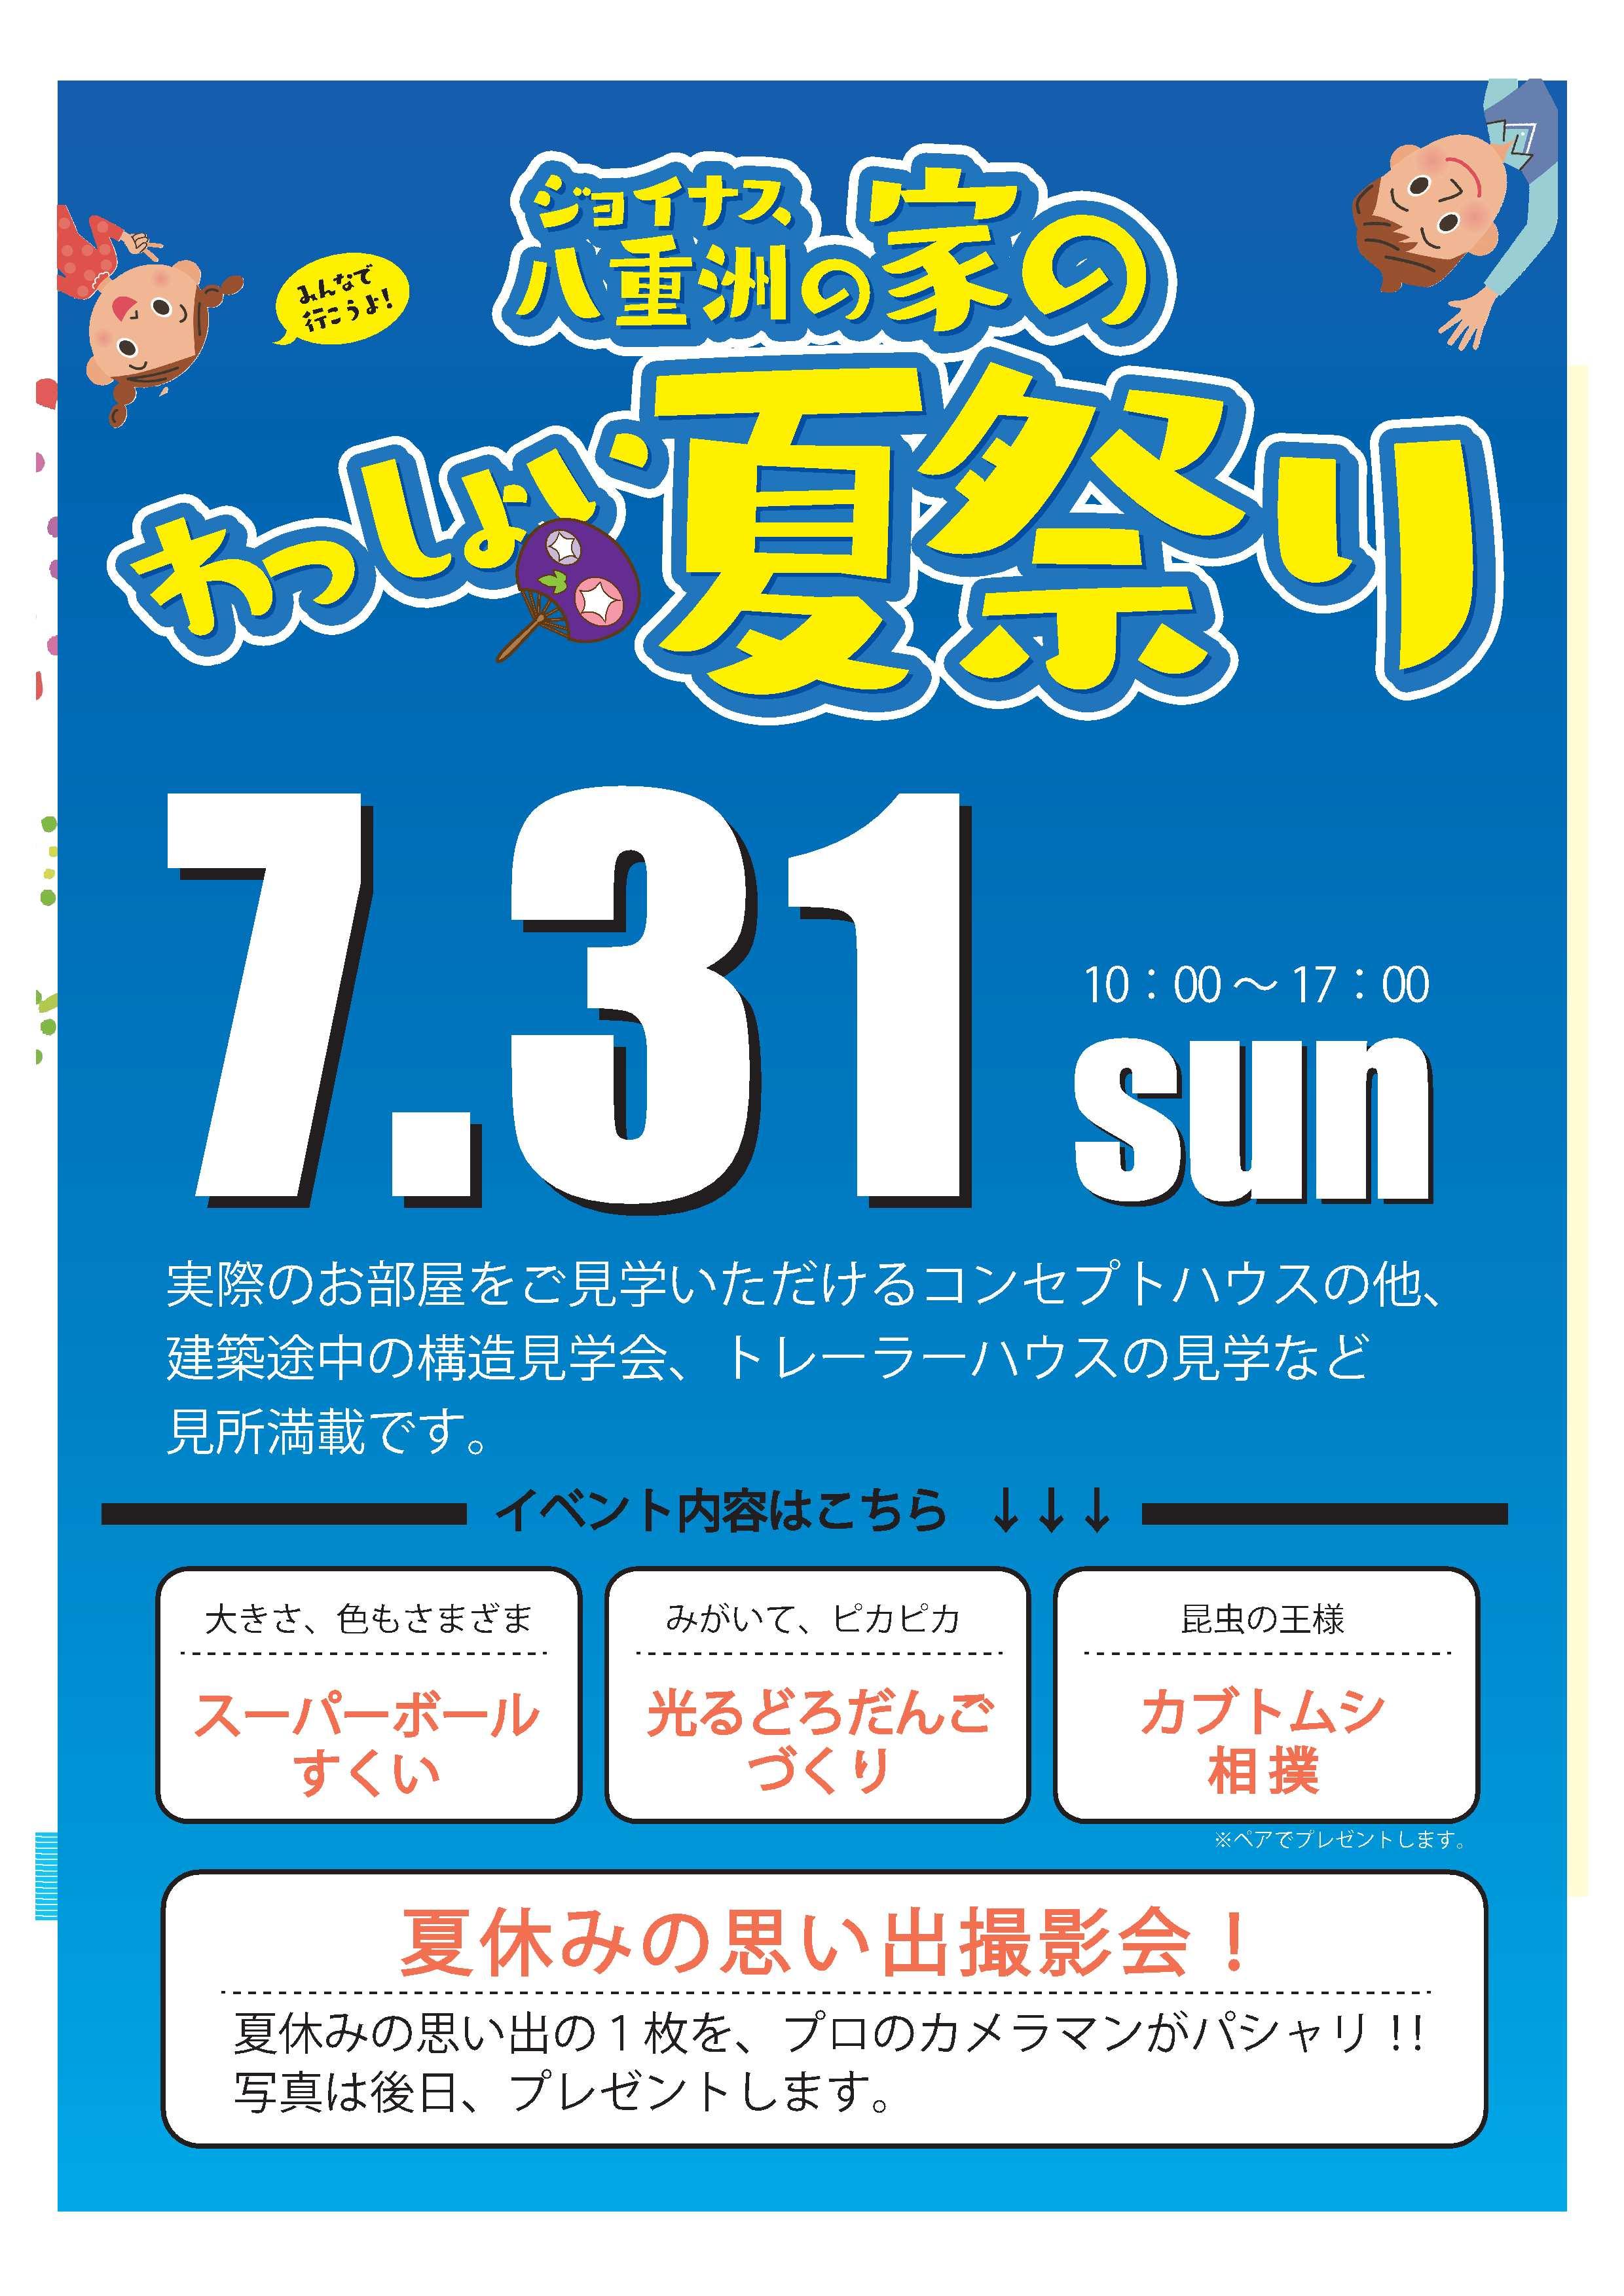 西戸崎夏祭りラミ